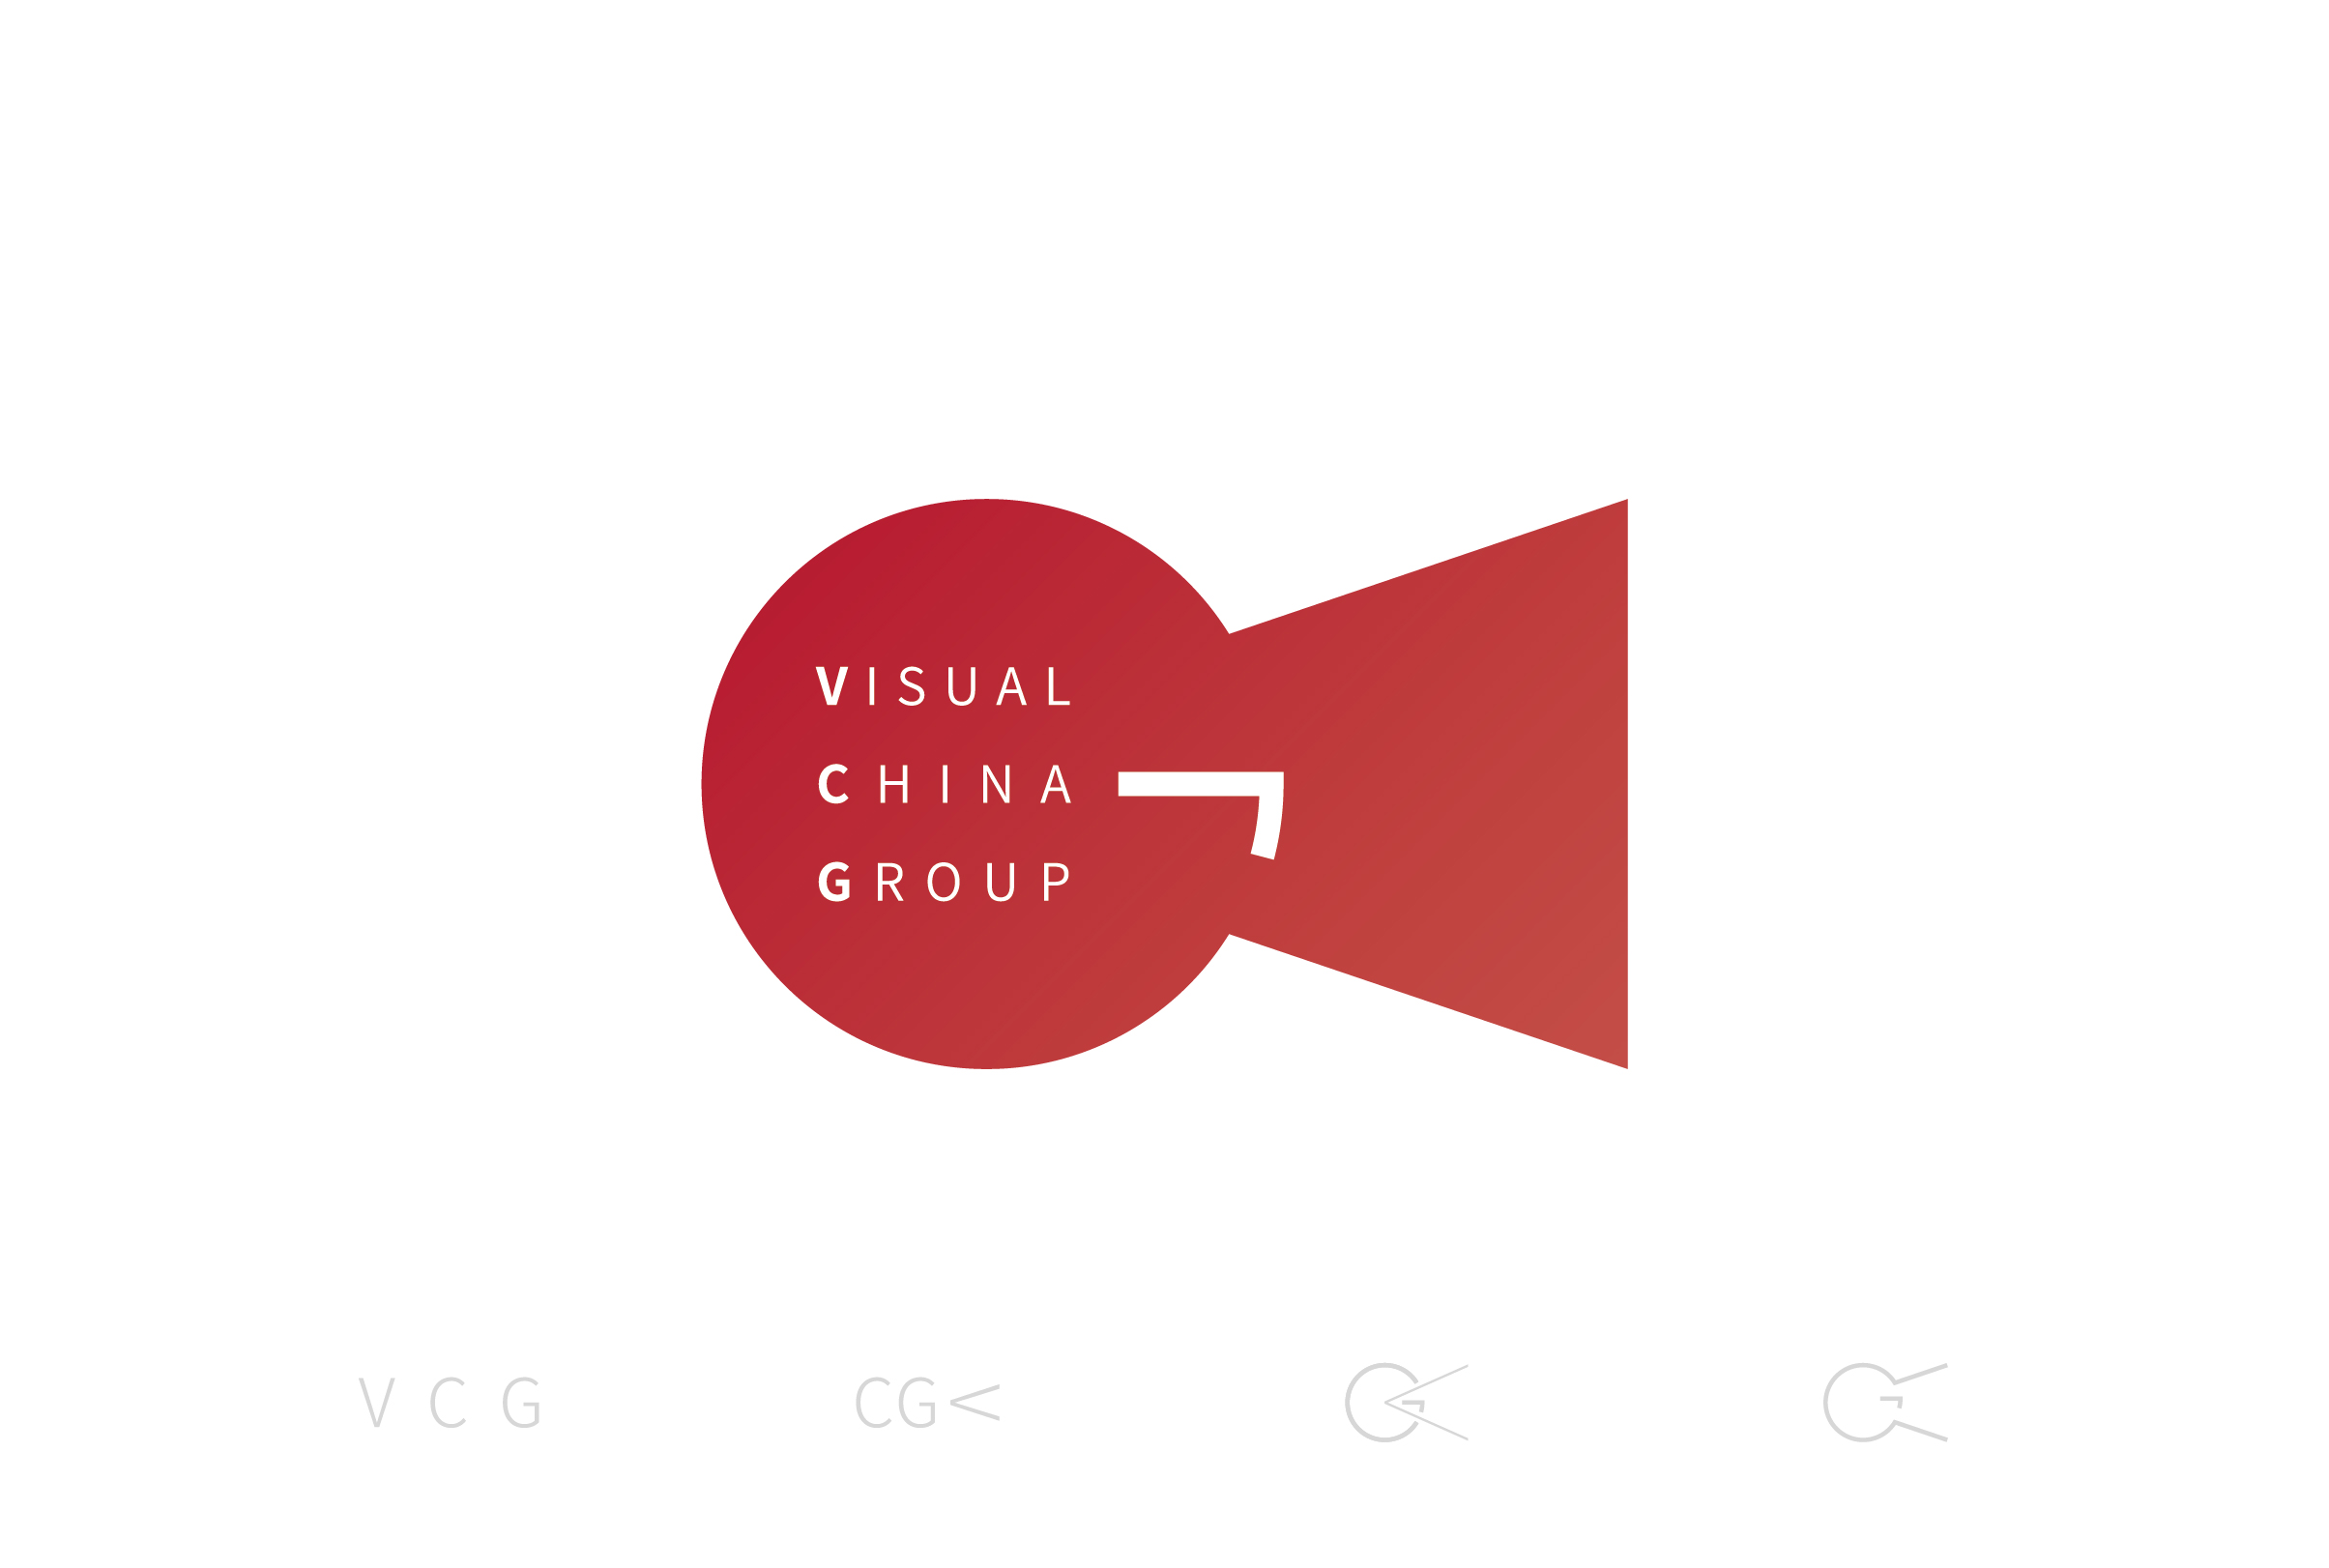 视觉中国logo征集投稿/ vi / logo图片